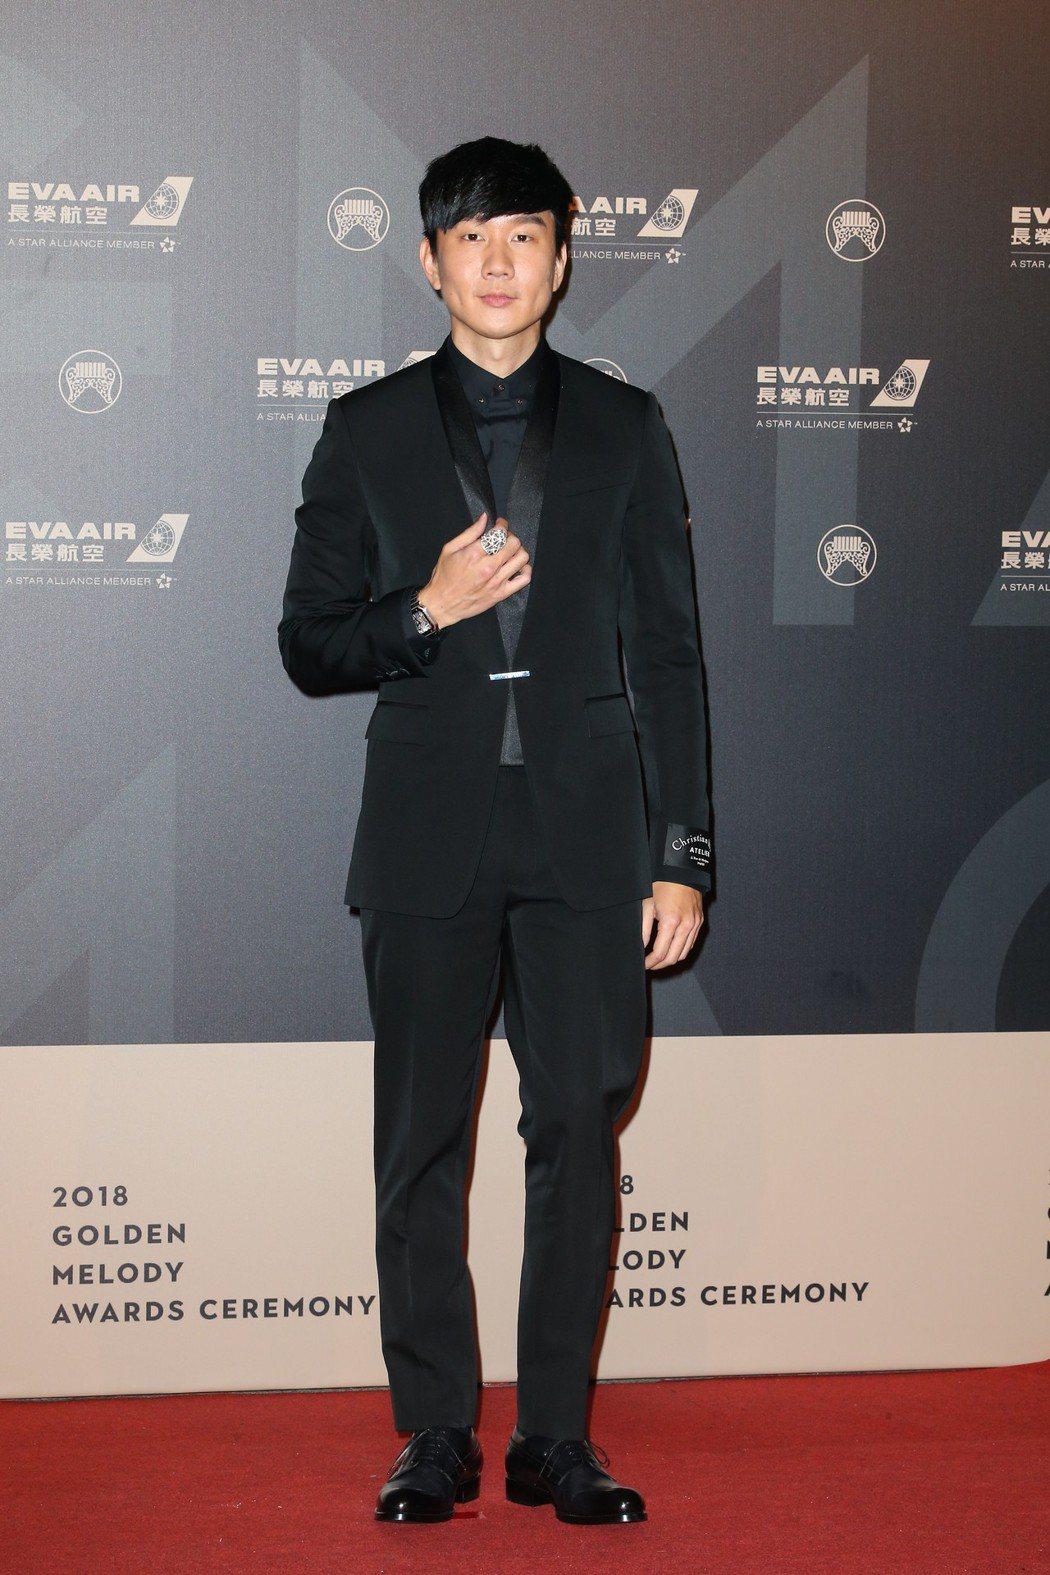 第29屆金曲獎星光林俊傑。記者陳立凱/攝影